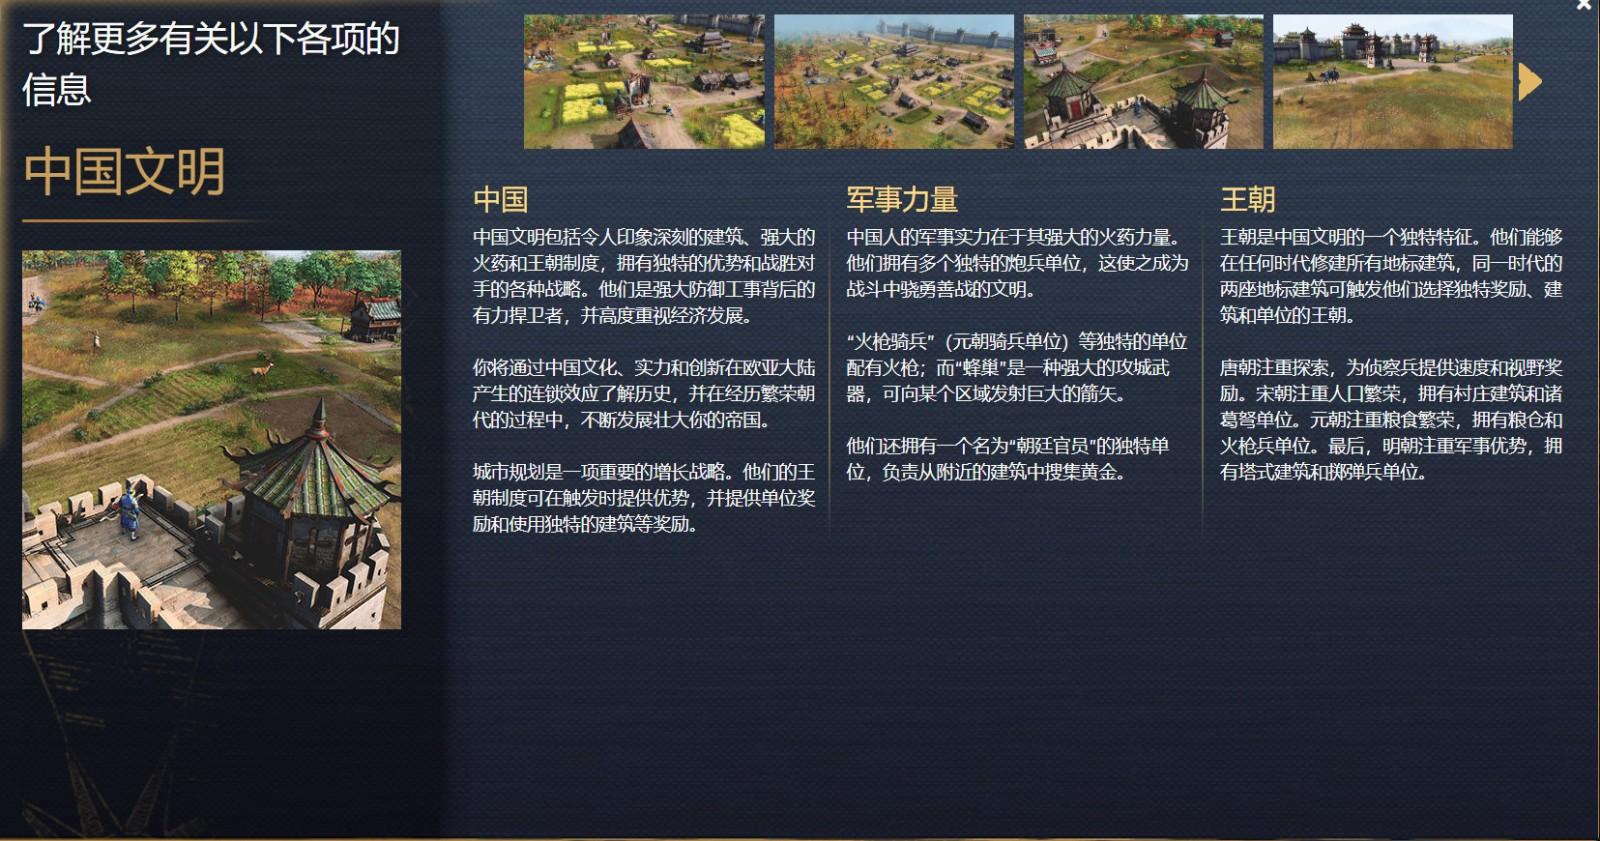 《帝国时代4》中国、英国、蒙古和德里苏丹国介绍